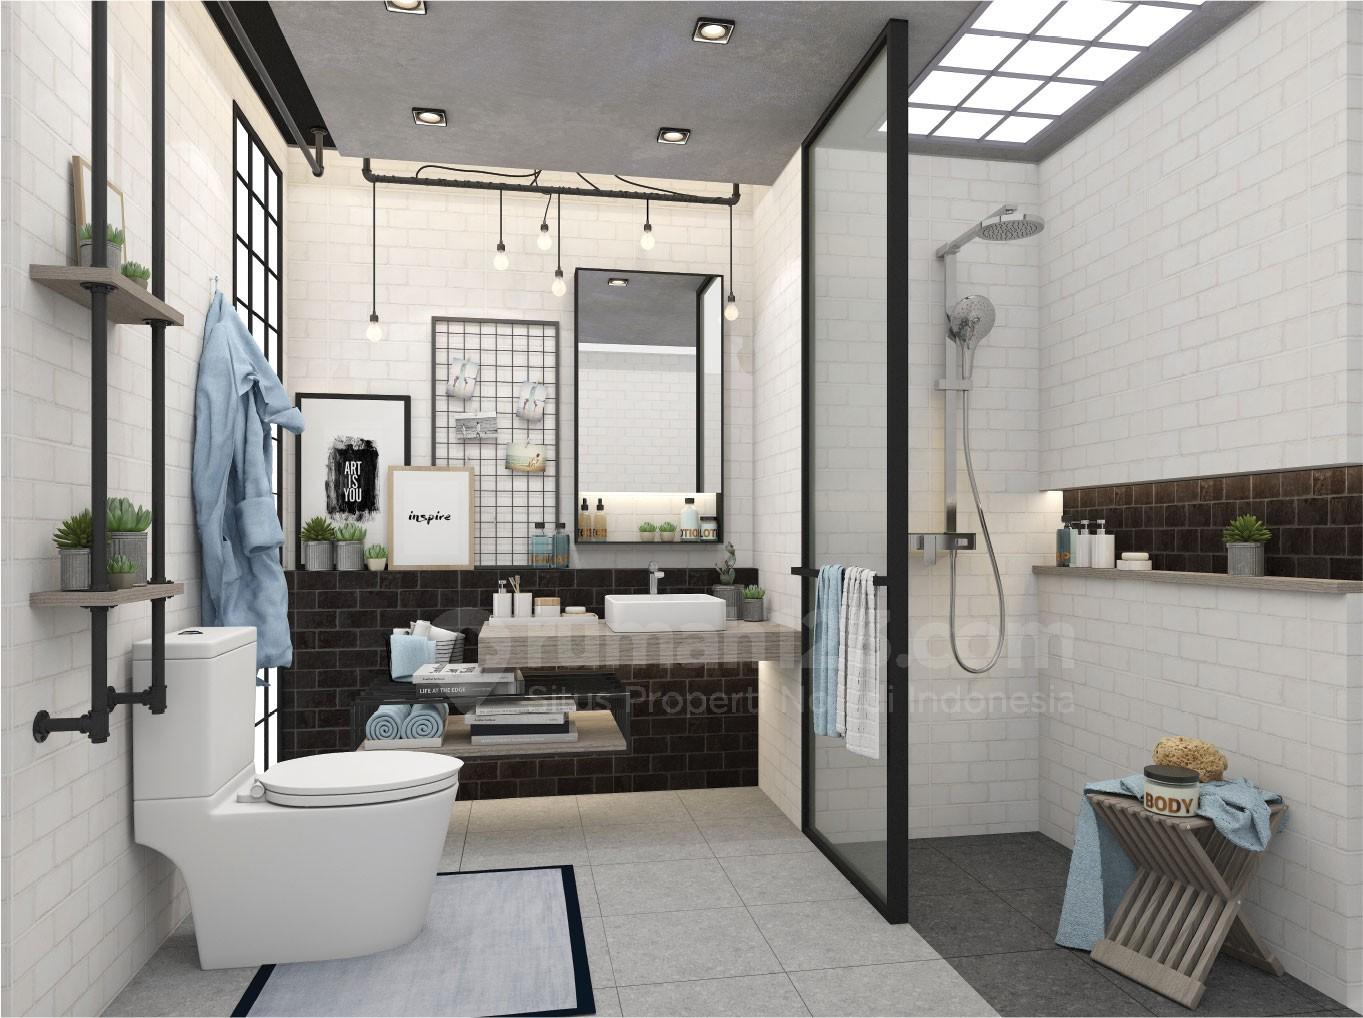 SCG Perkenalkan Dua Produk Sanitary Ware untuk Rumah Bergaya Modern